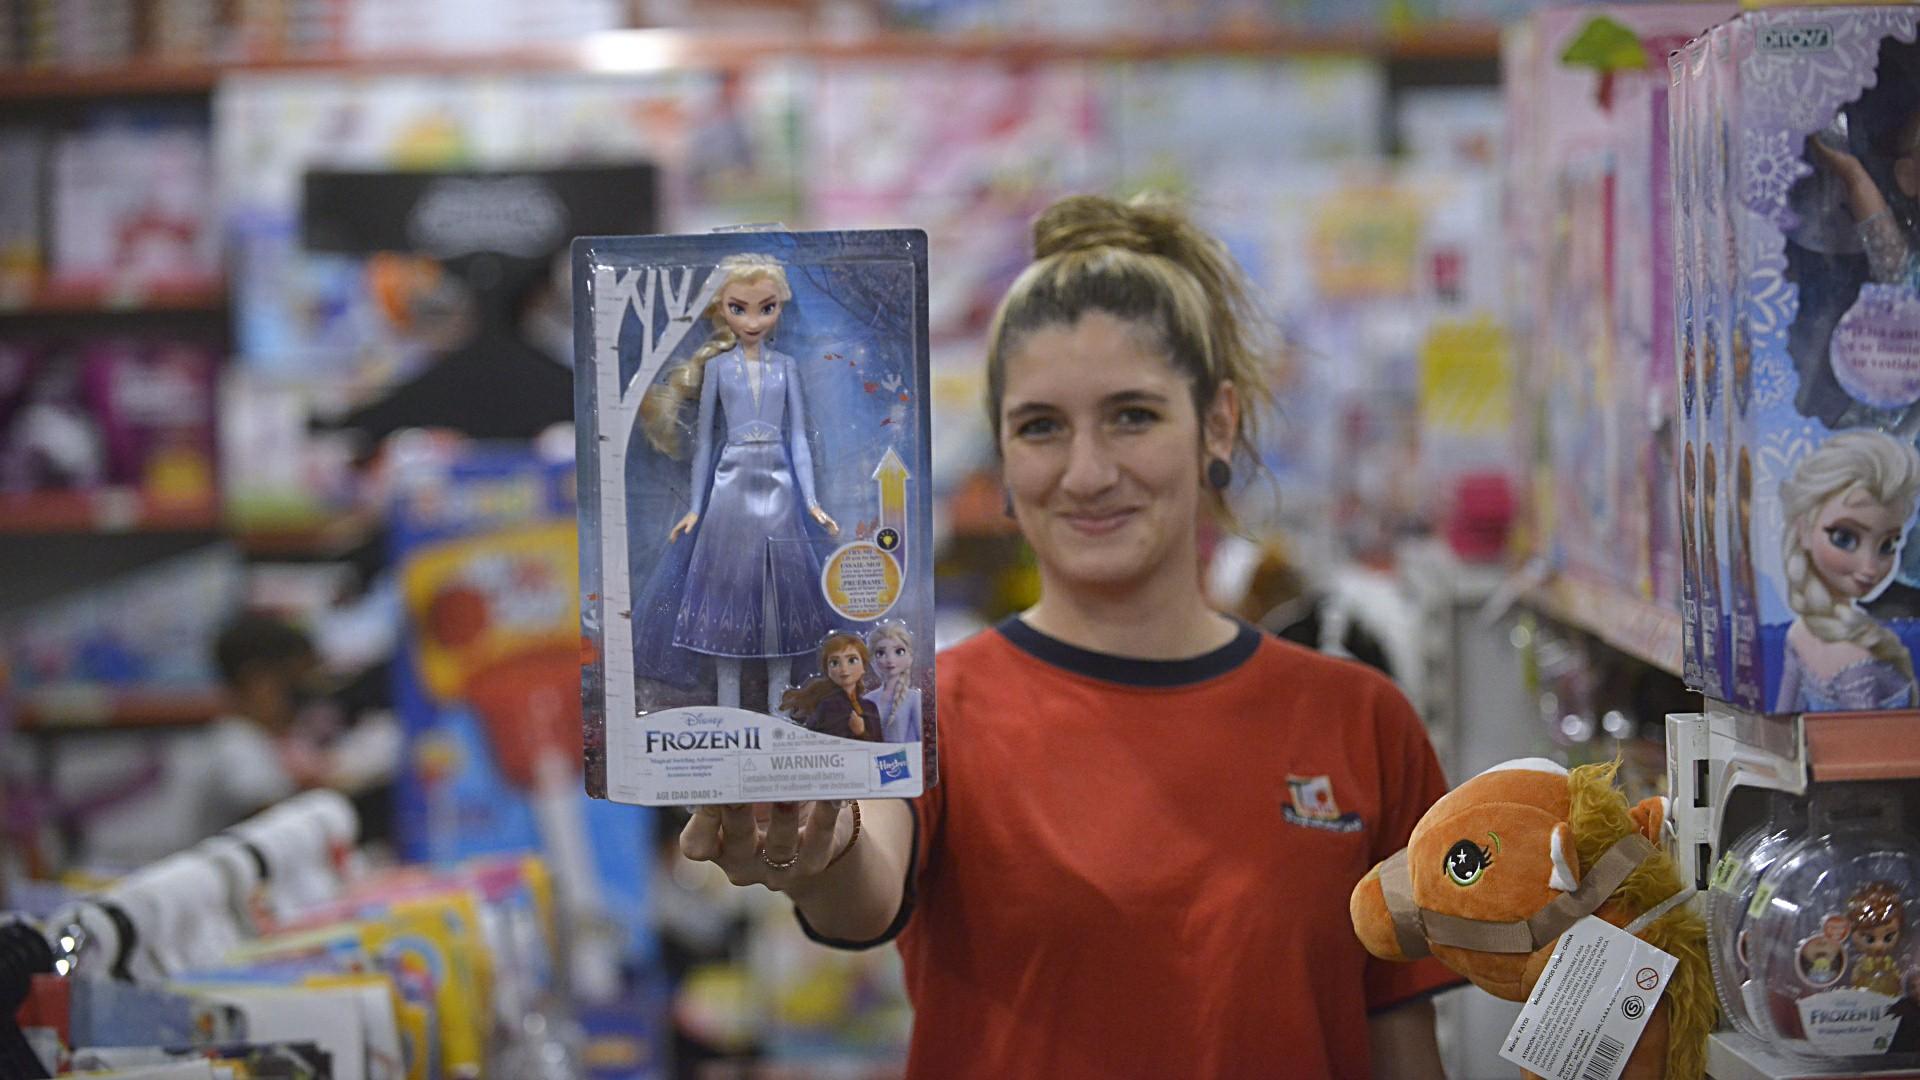 Elsa de Frozen, uno de los personajes favoritos y más buscados por las más chicas en la #NochedelasJugueterías